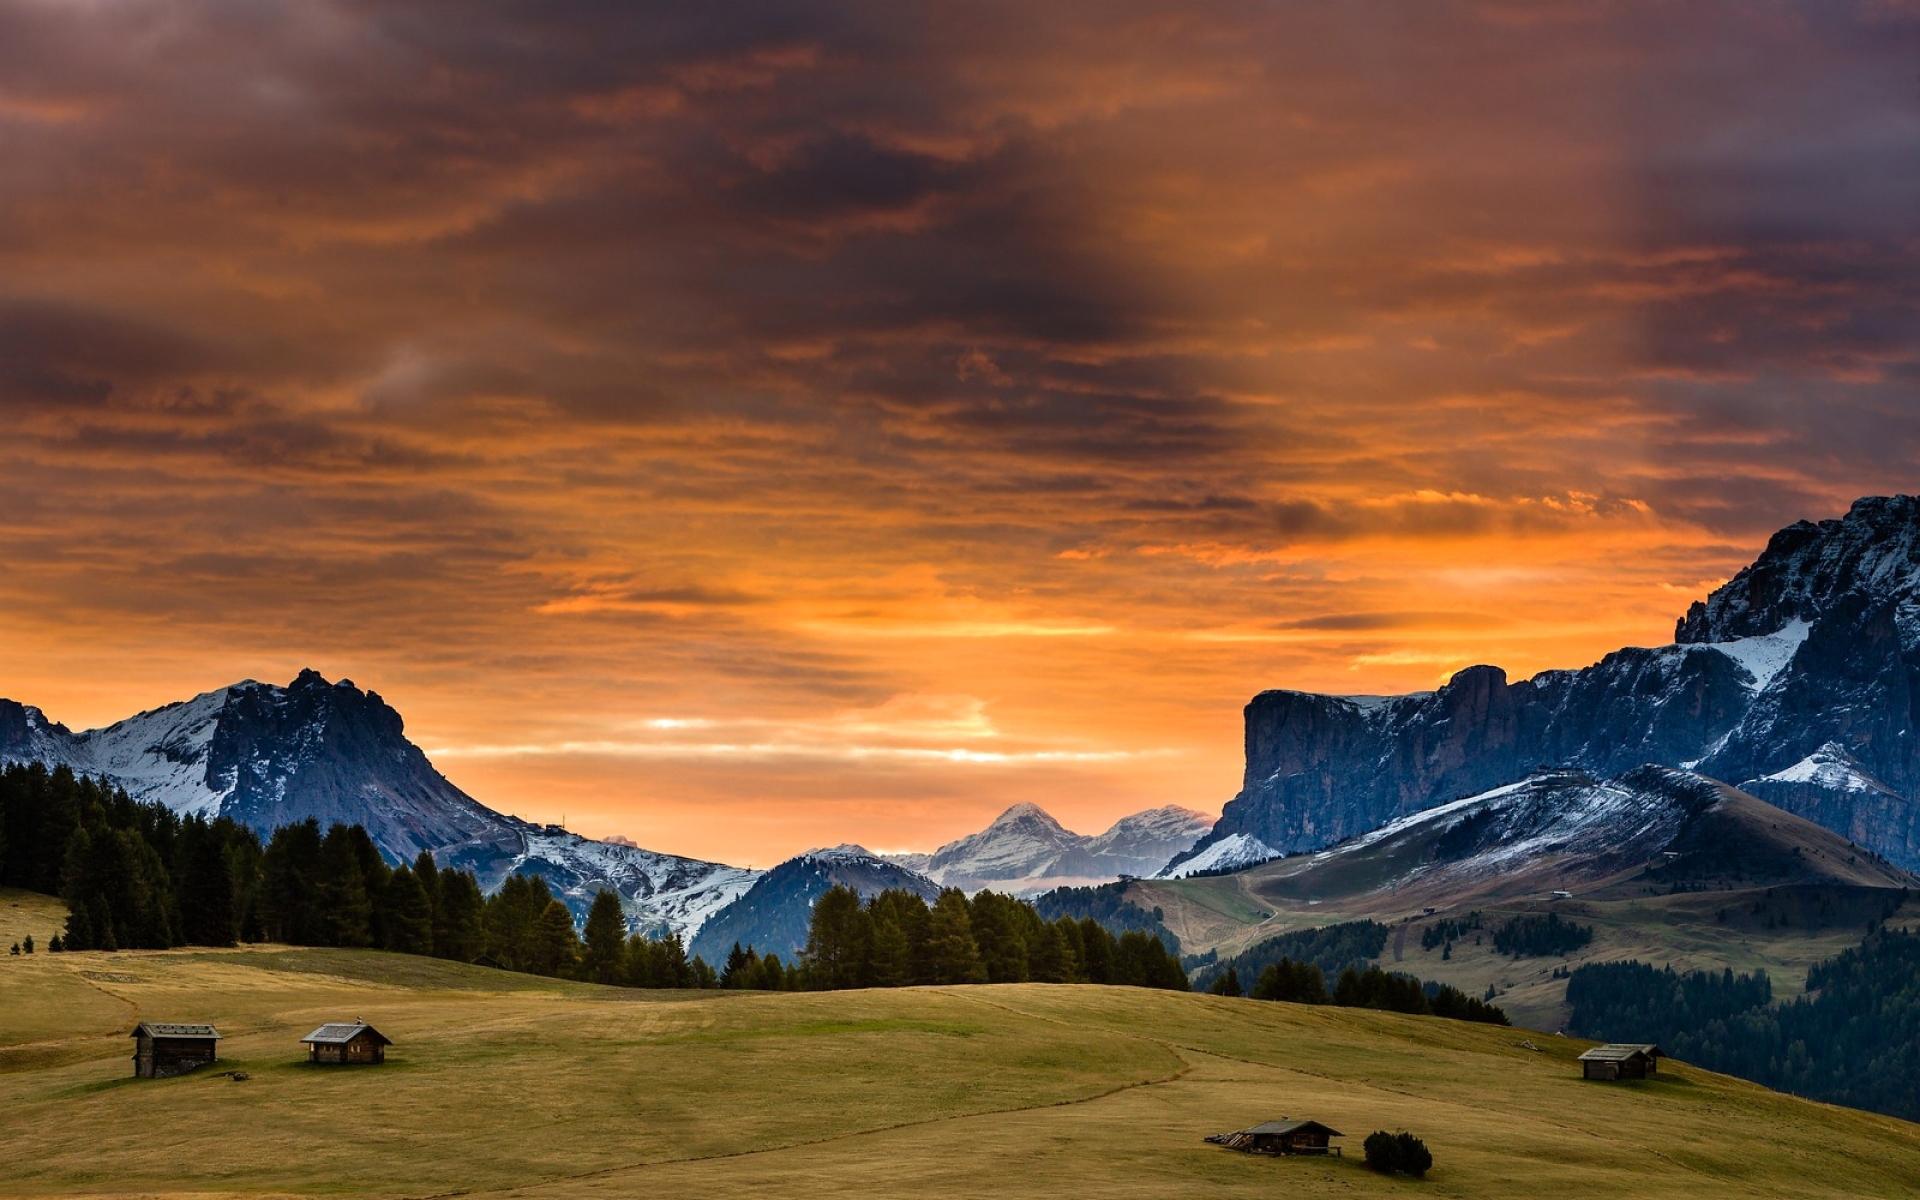 Snowy Mountains Sunset Grass Wallpaper Hd Nature 4k Wallpapers